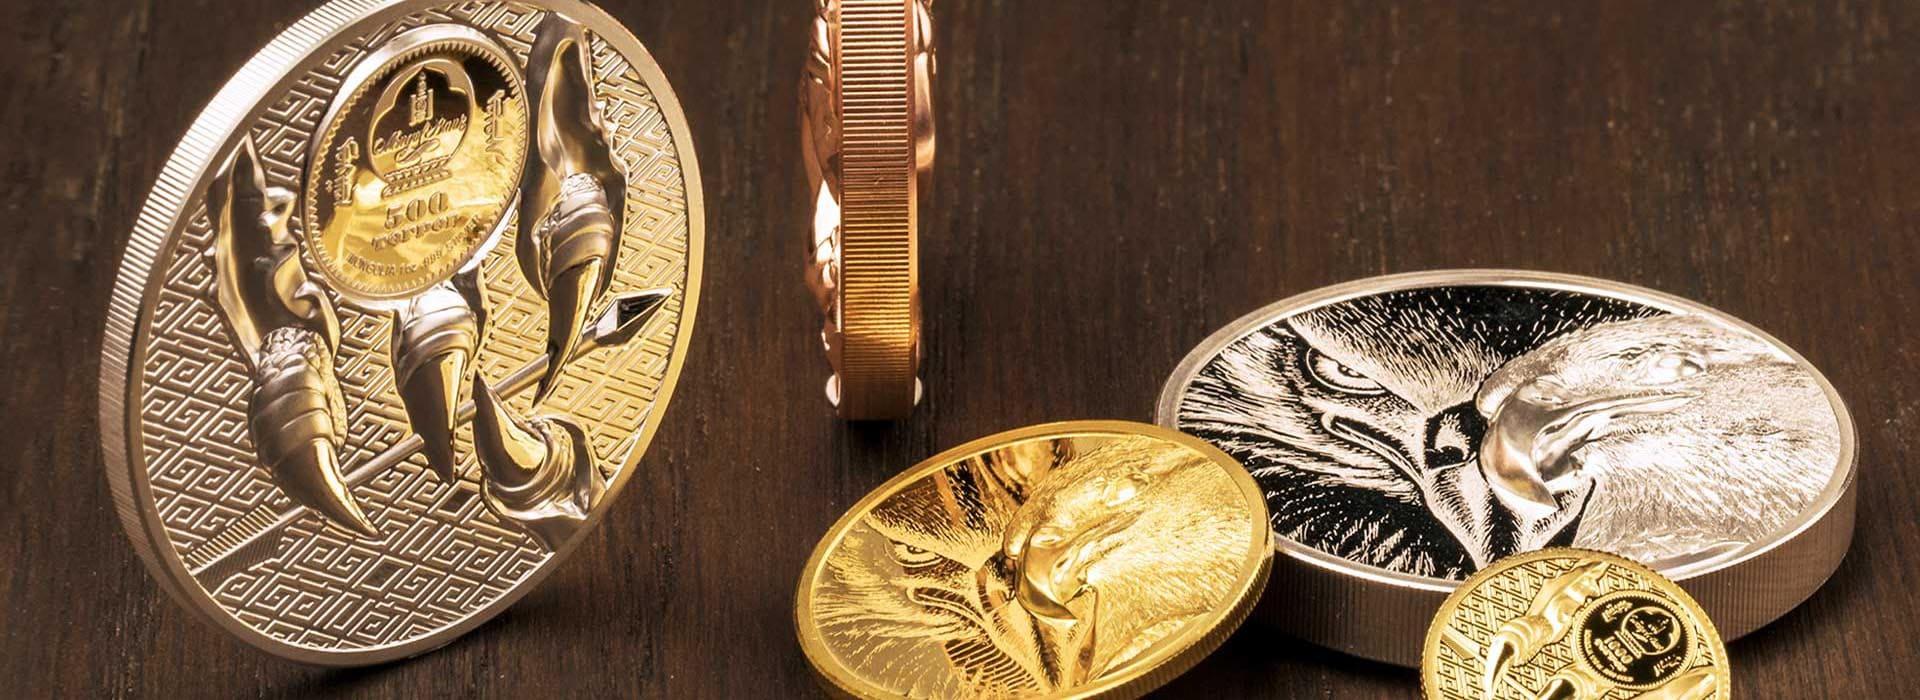 权威金币机构-央富金币